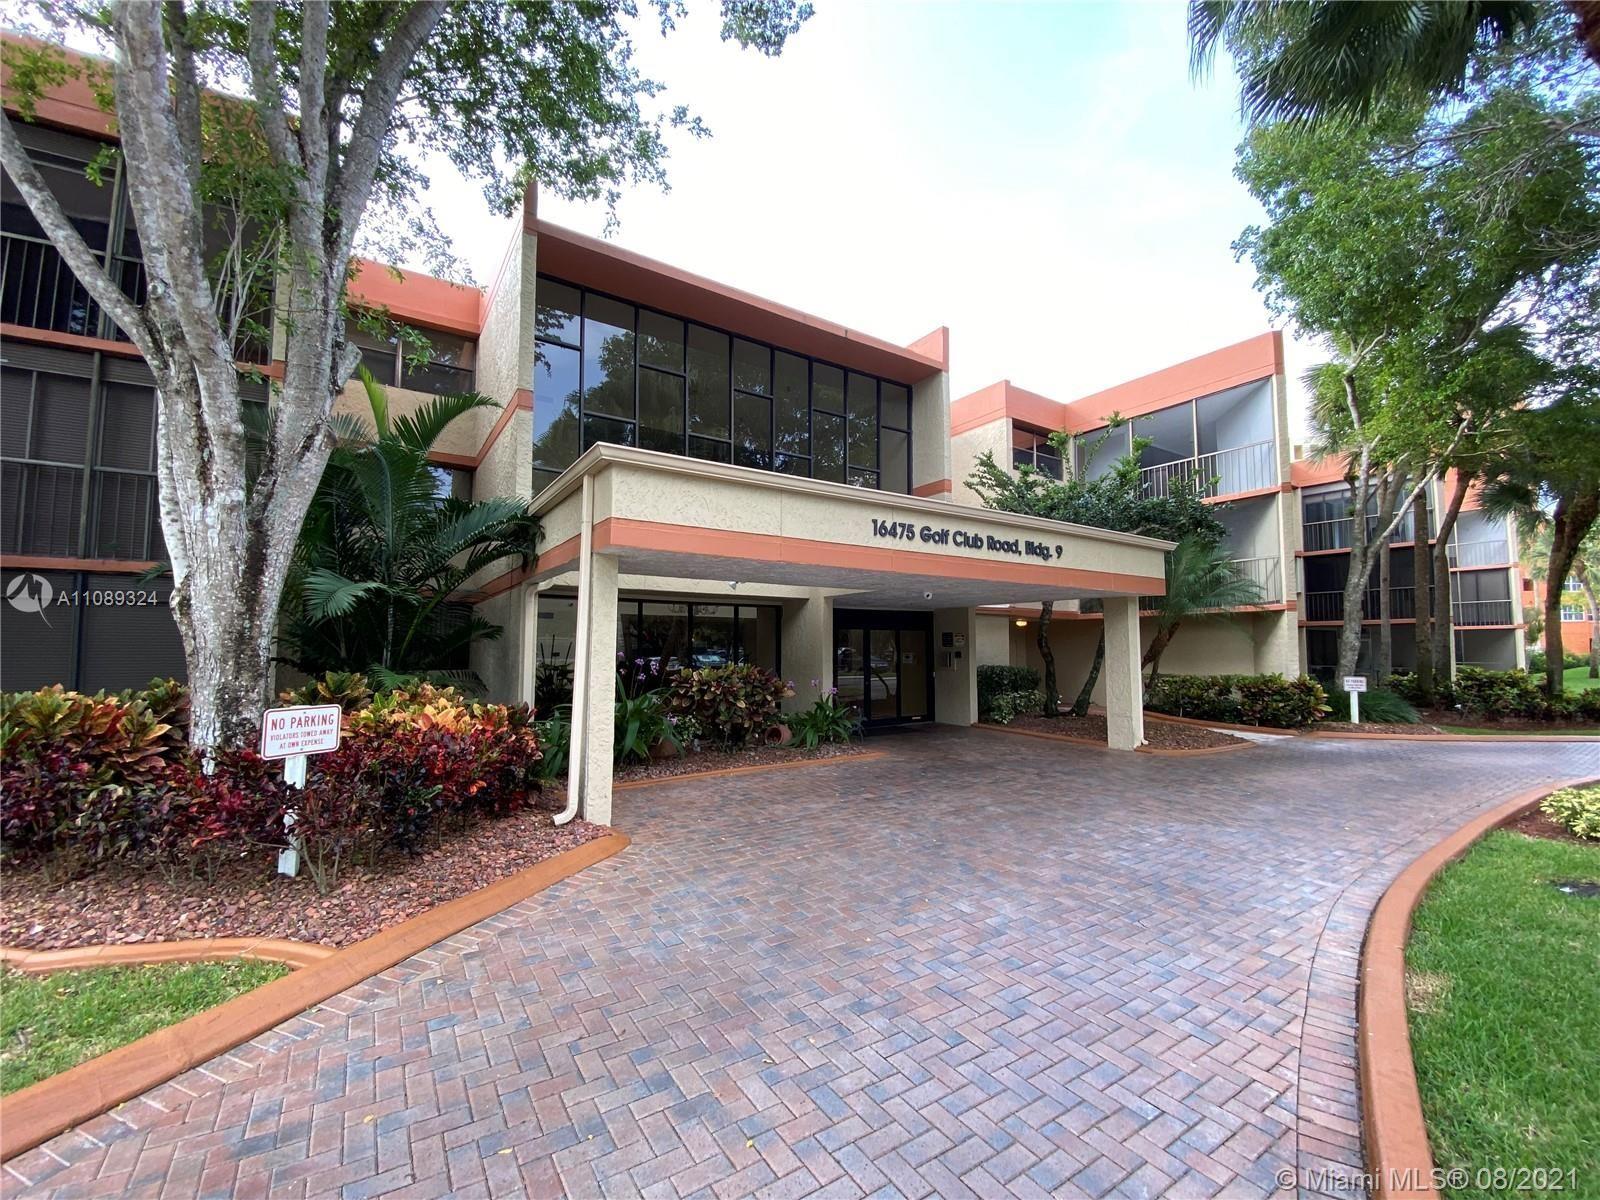 16475 Golf Club Rd #108, Weston, FL 33326 - #: A11089324